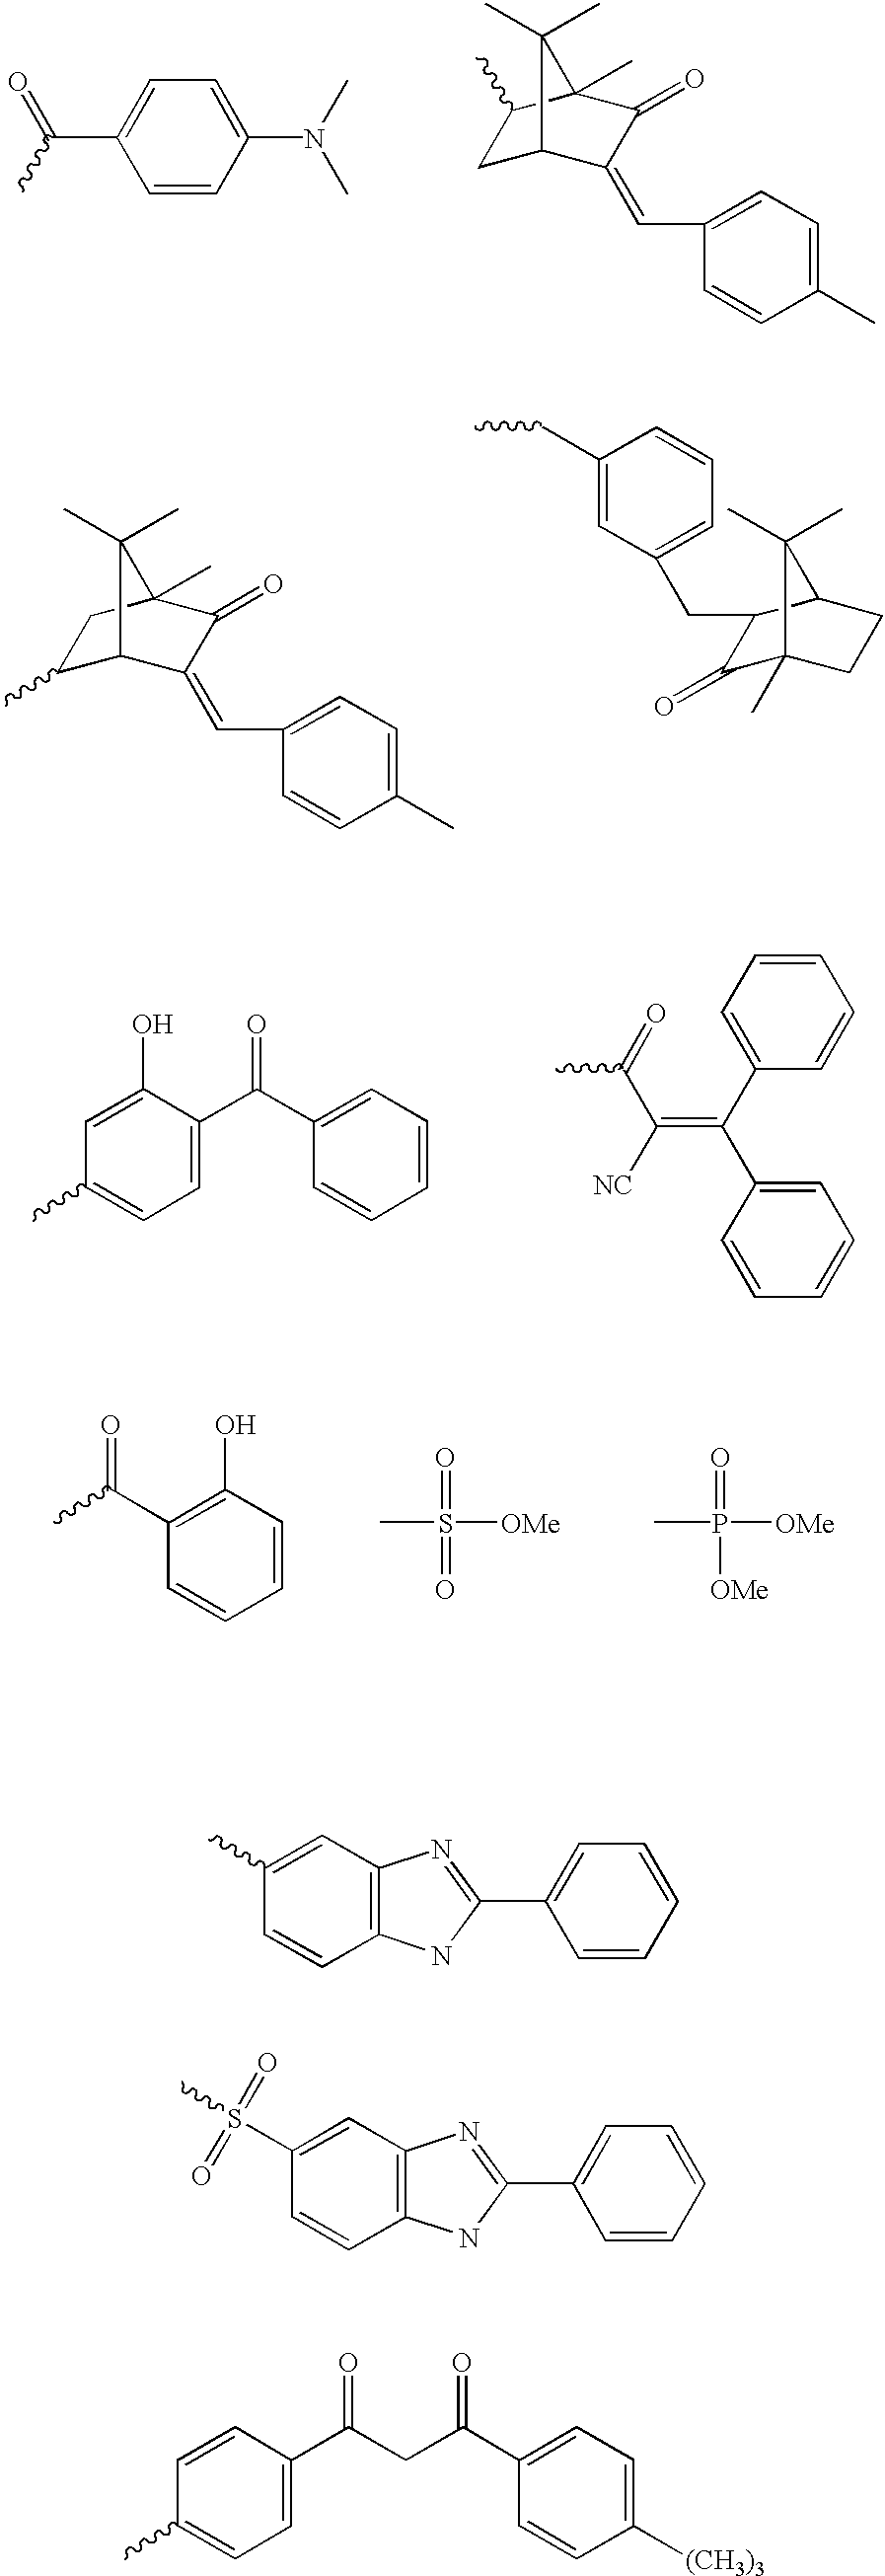 Figure US20030060426A1-20030327-C00018